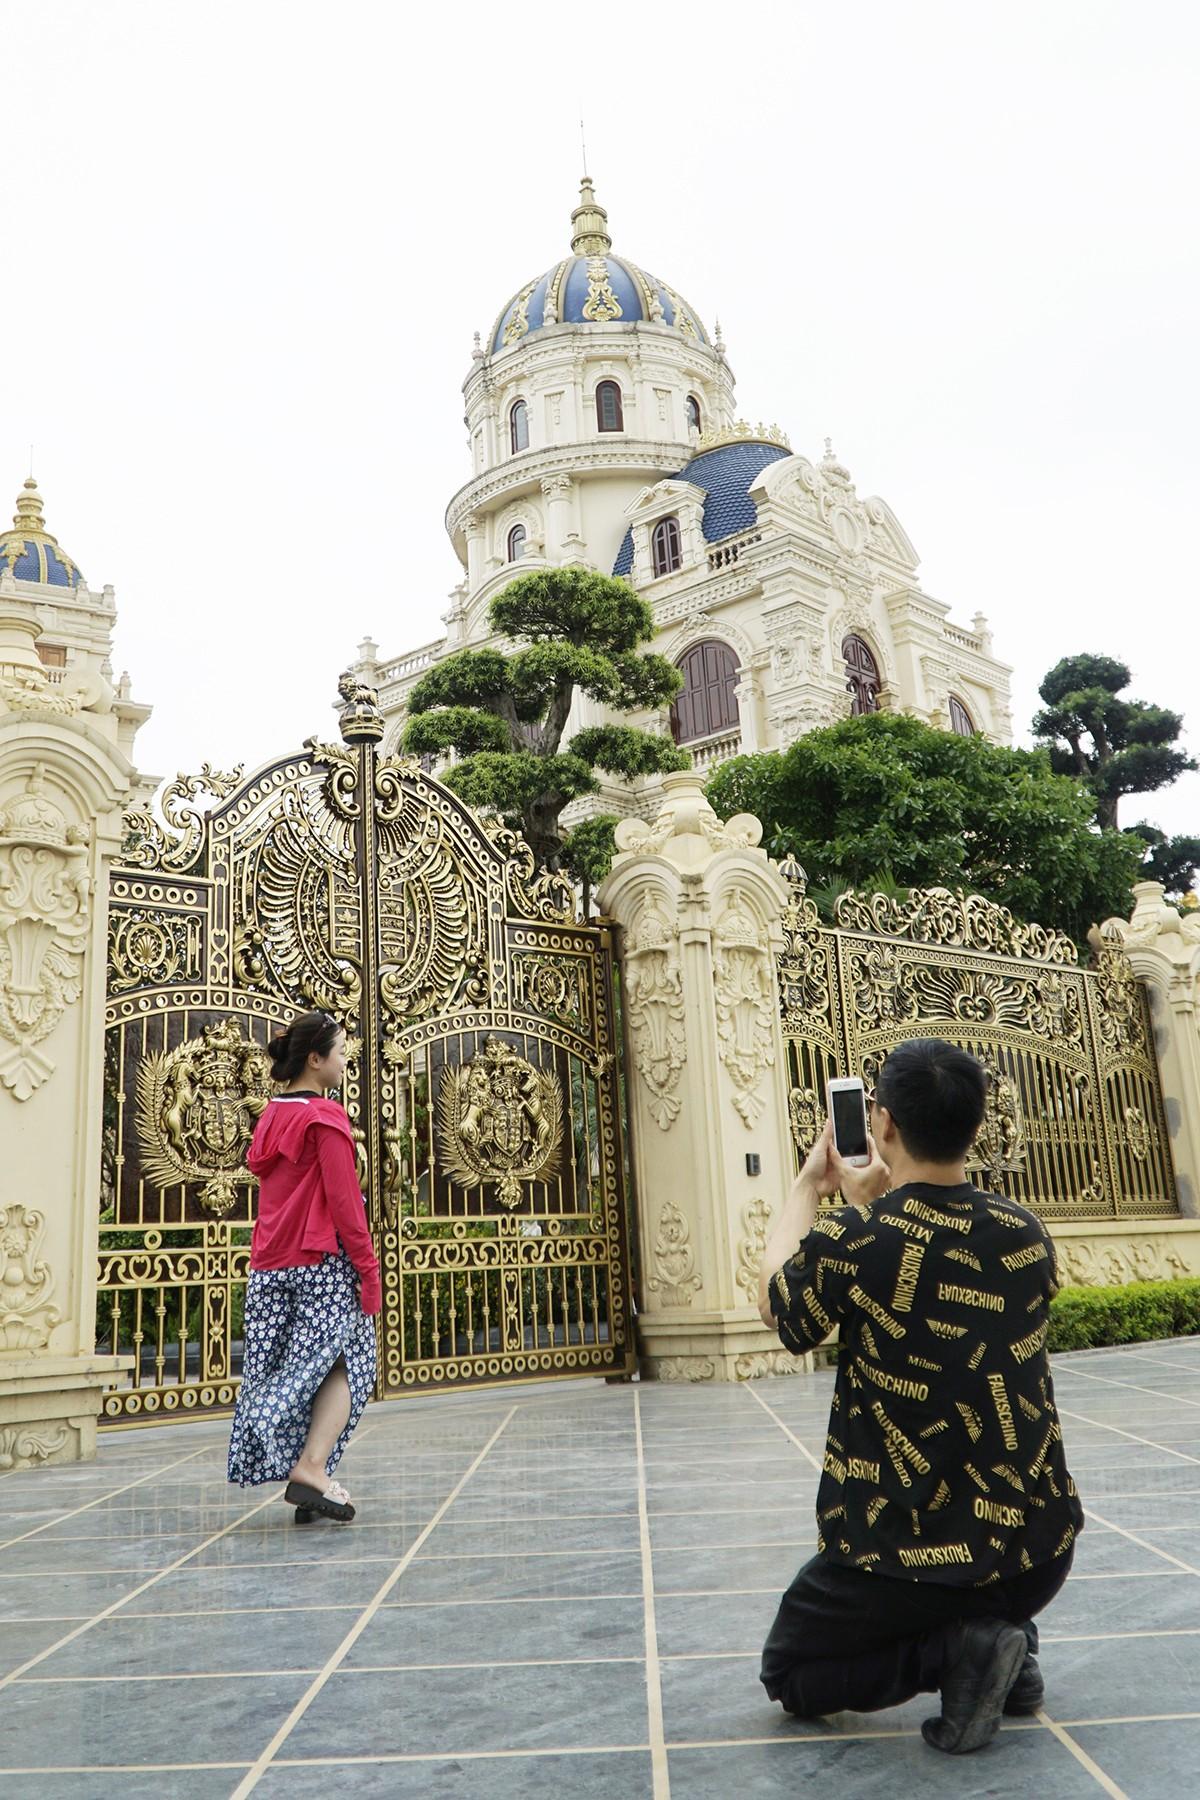 Bất động sản - Chiêm ngưỡng lâu đài mạ vàng gây choáng của đại gia Ninh Bình (Hình 11).